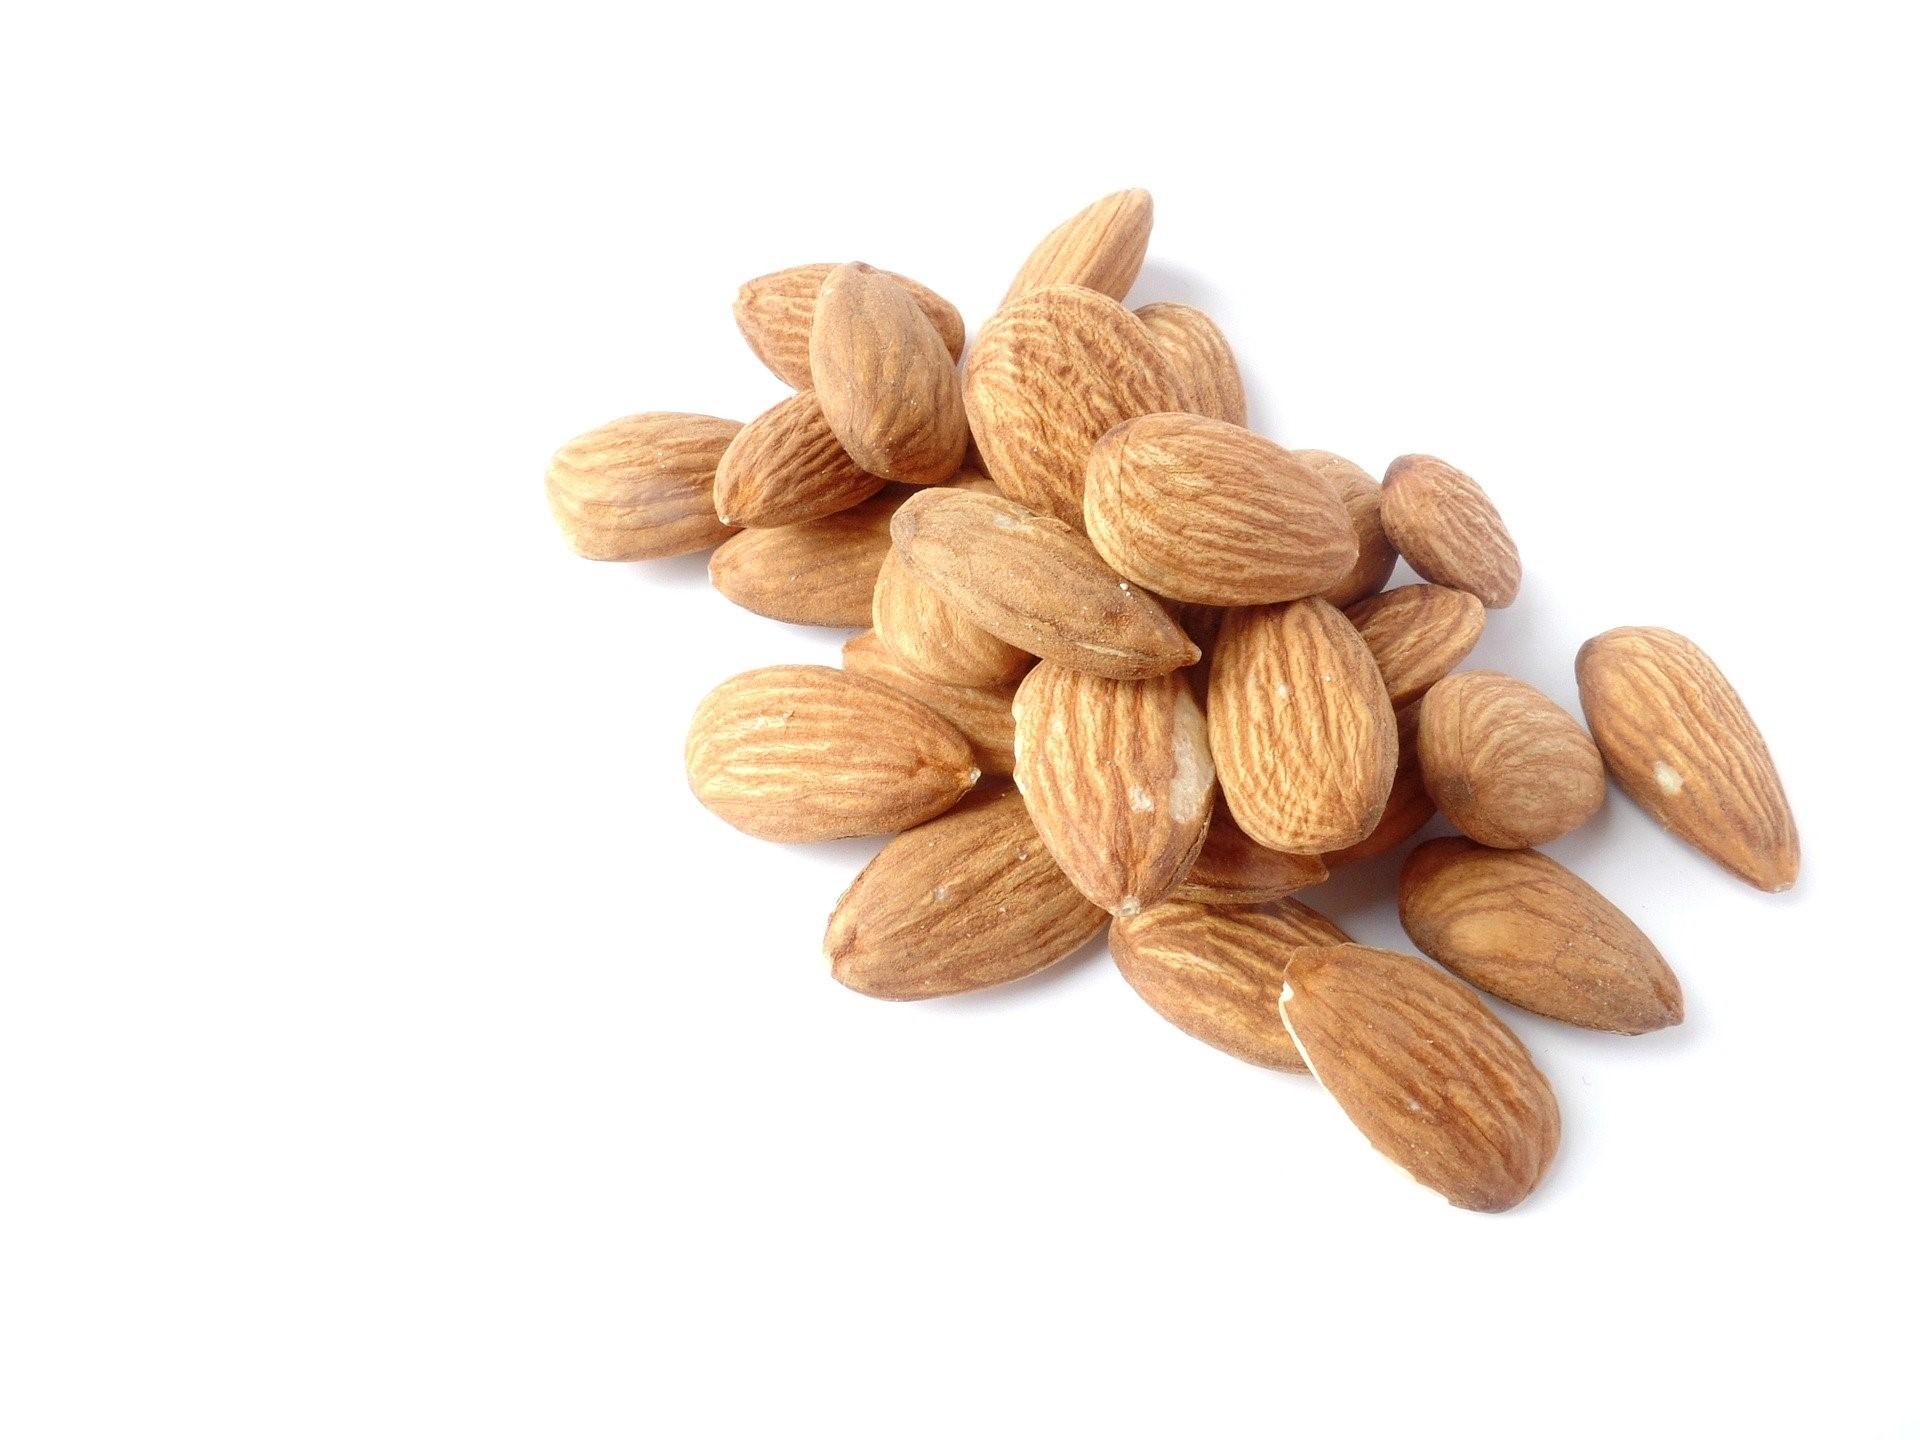 El almendro exigencias del cultivo, material vegetal y nutrición